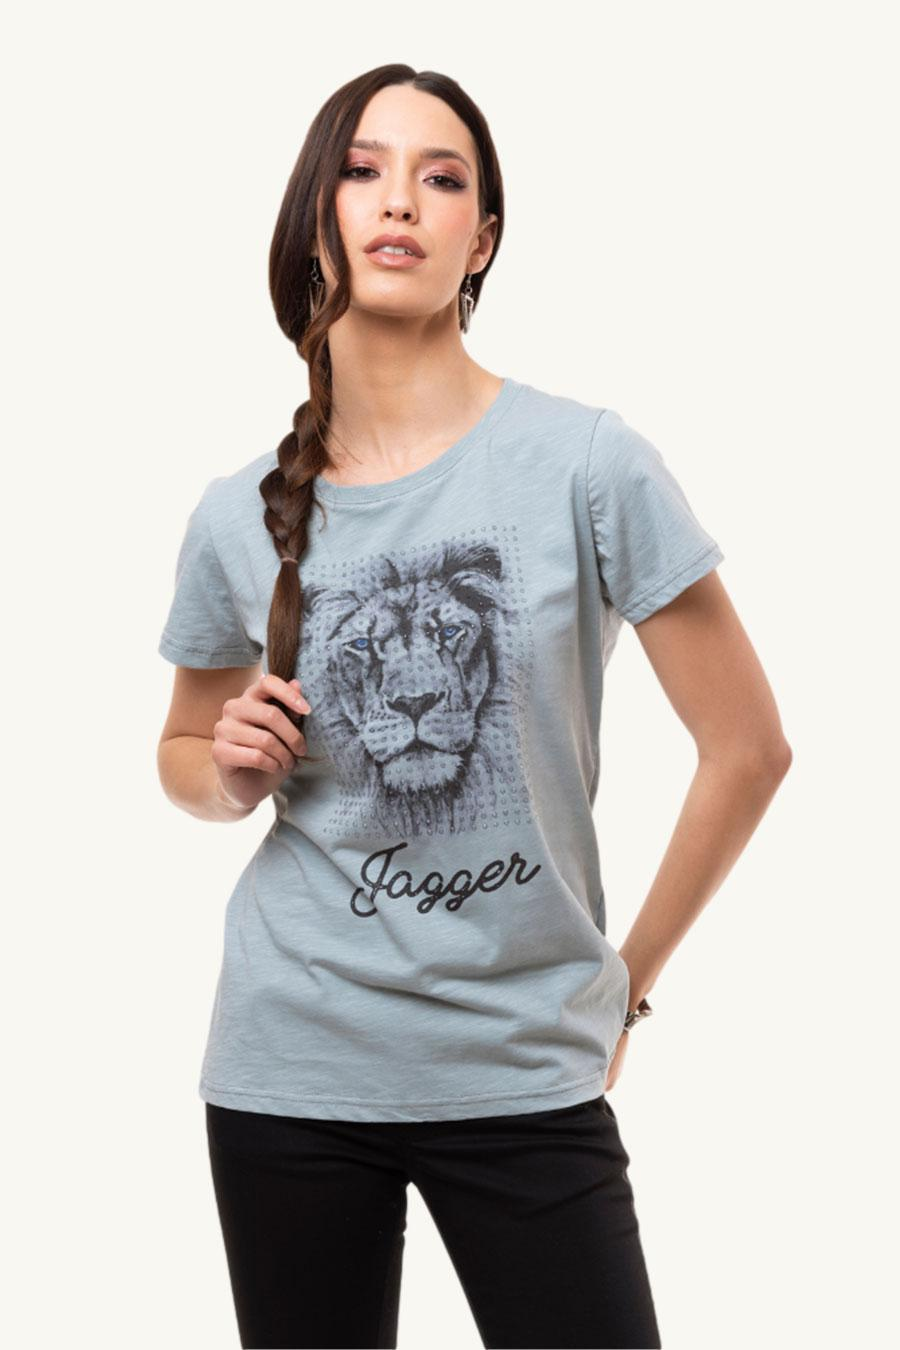 Jagger Brand Kolekcija Ss Prolece Leto 2020 Zenska Majica Slajd 4